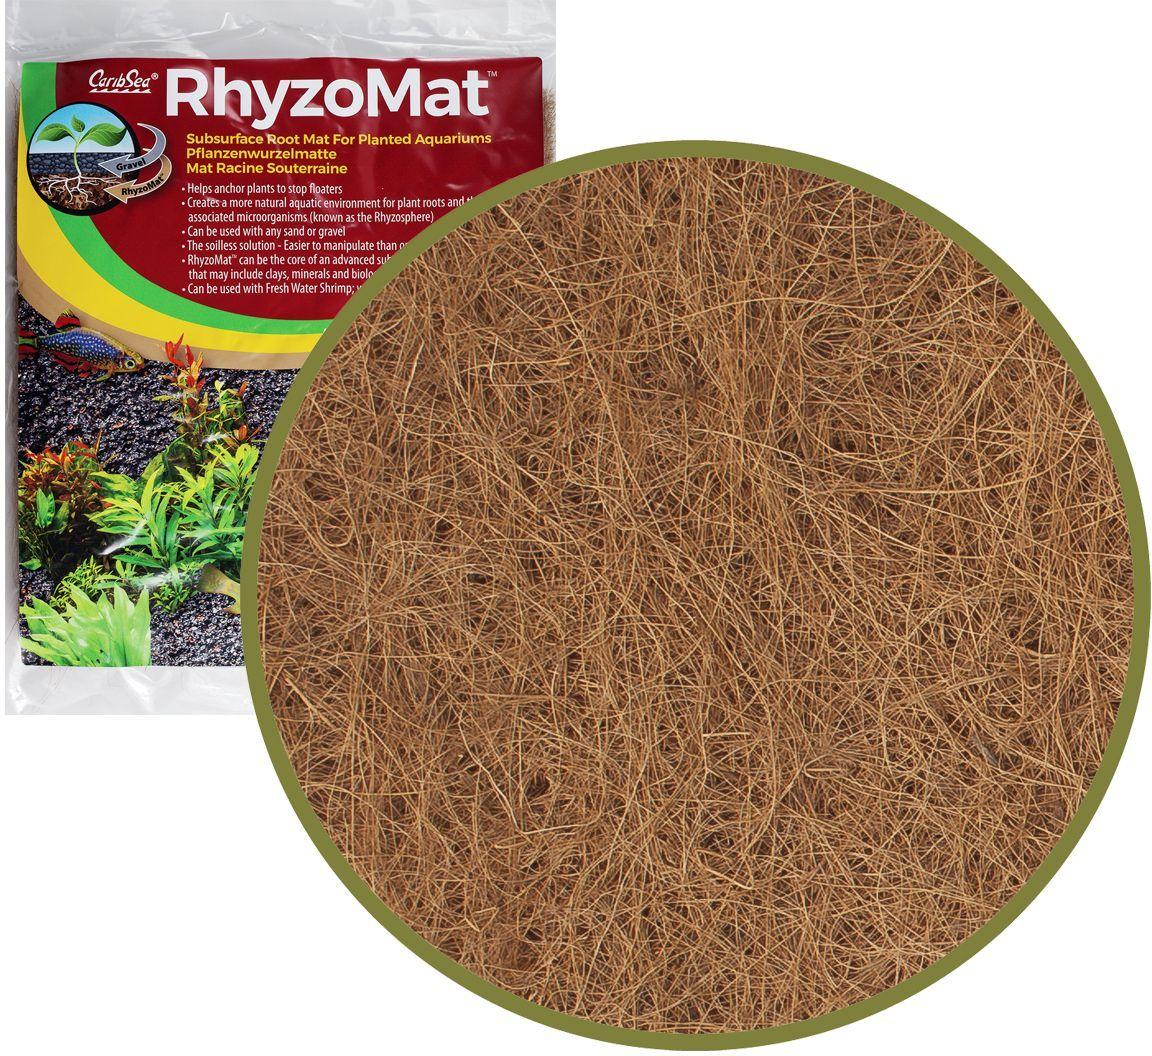 Мат подгрунтовый корневой Caribsea , 30 x 30 см00786Натуральный волокнистый мат помогает растениям закрепить корни и создать естественную водную среду для корней и связанных с ними микроорганизмов. Может использоваться с любым песком или гравием. Не повышает pH. Может быть разрезан или разорван на нужные размеры.